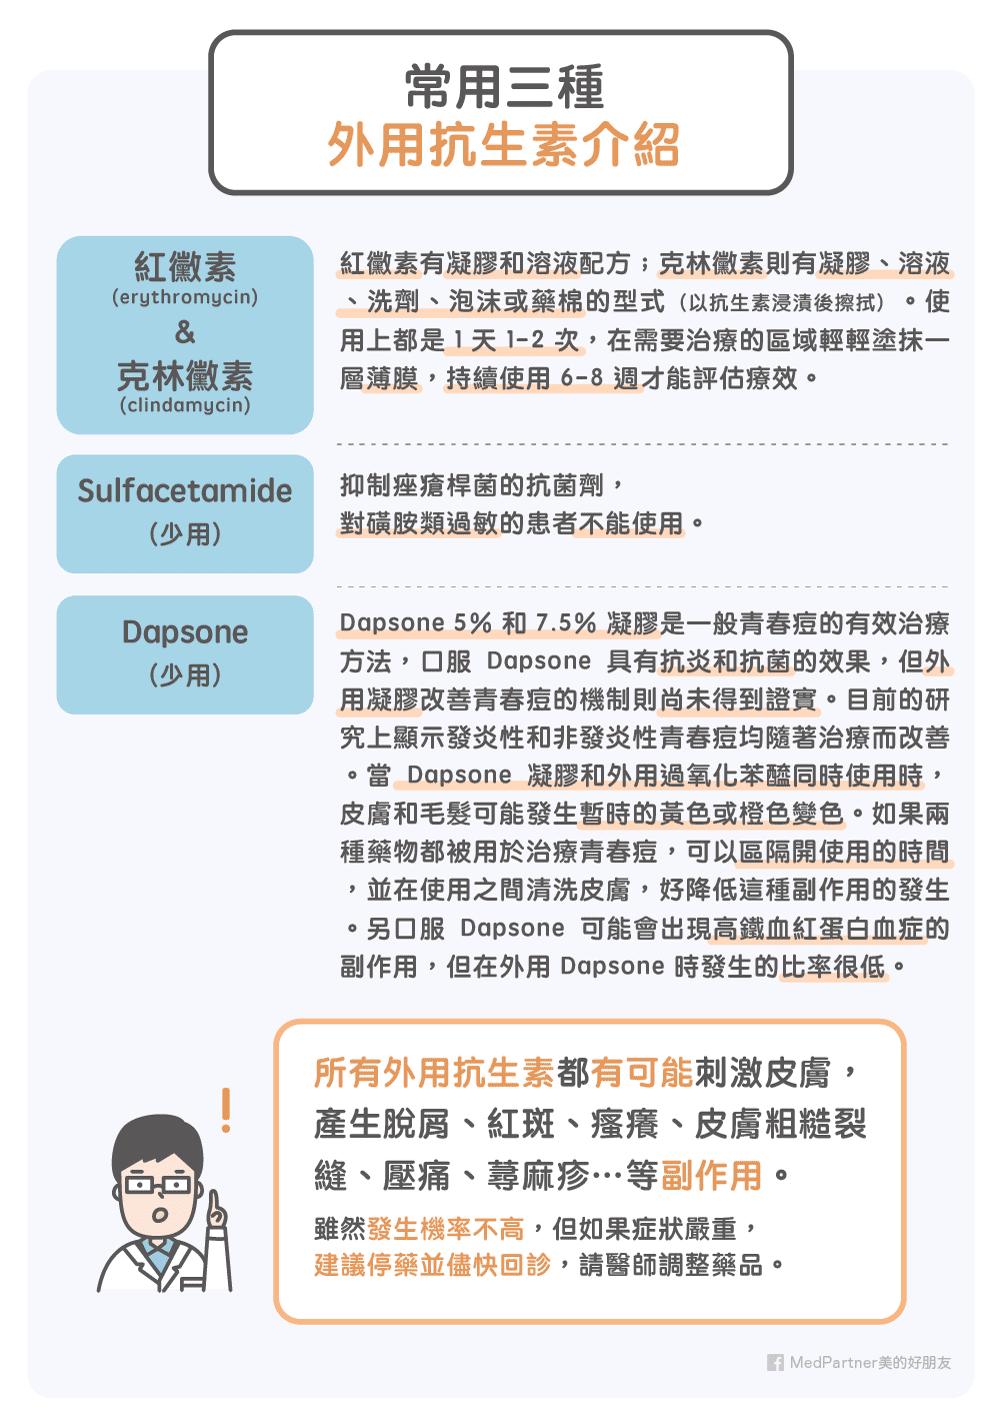 青春痘口服外用抗生素_外用介紹